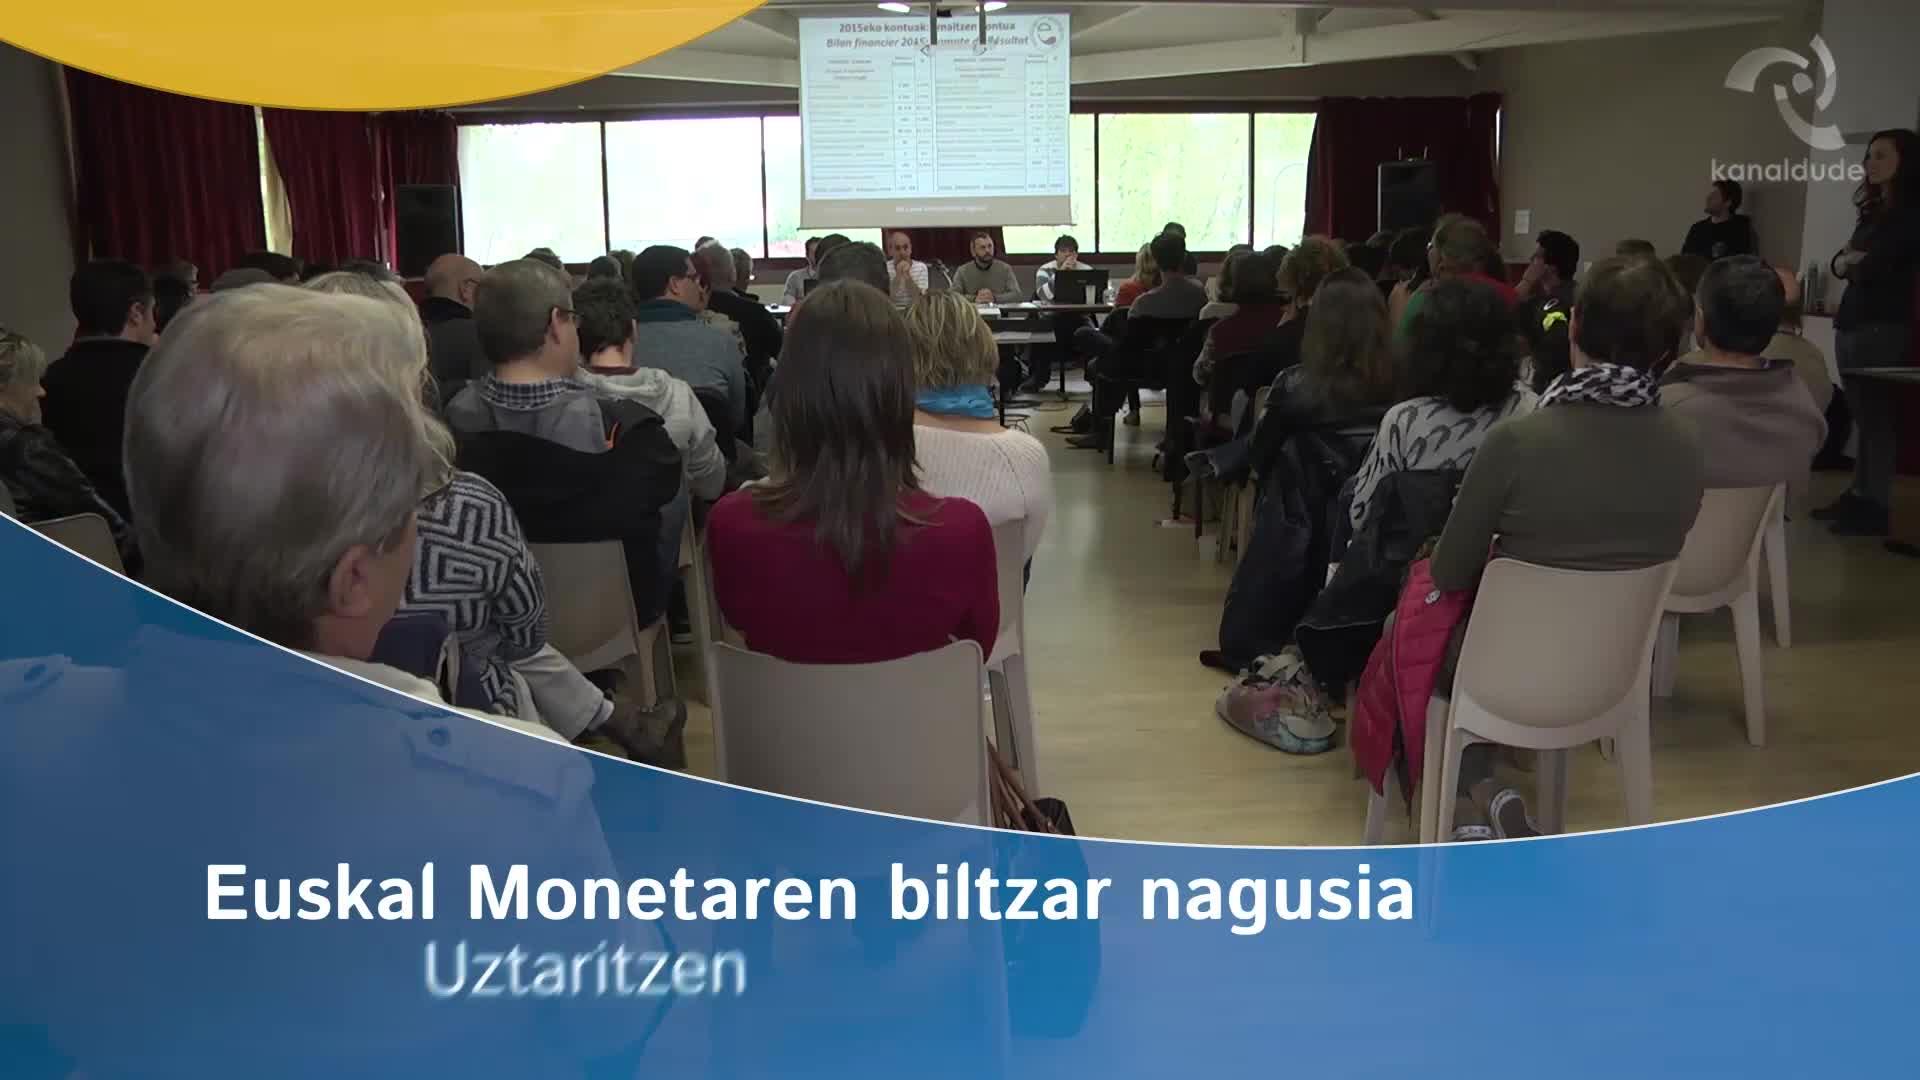 Euskal monetaren 2016ko biltzar nagusia